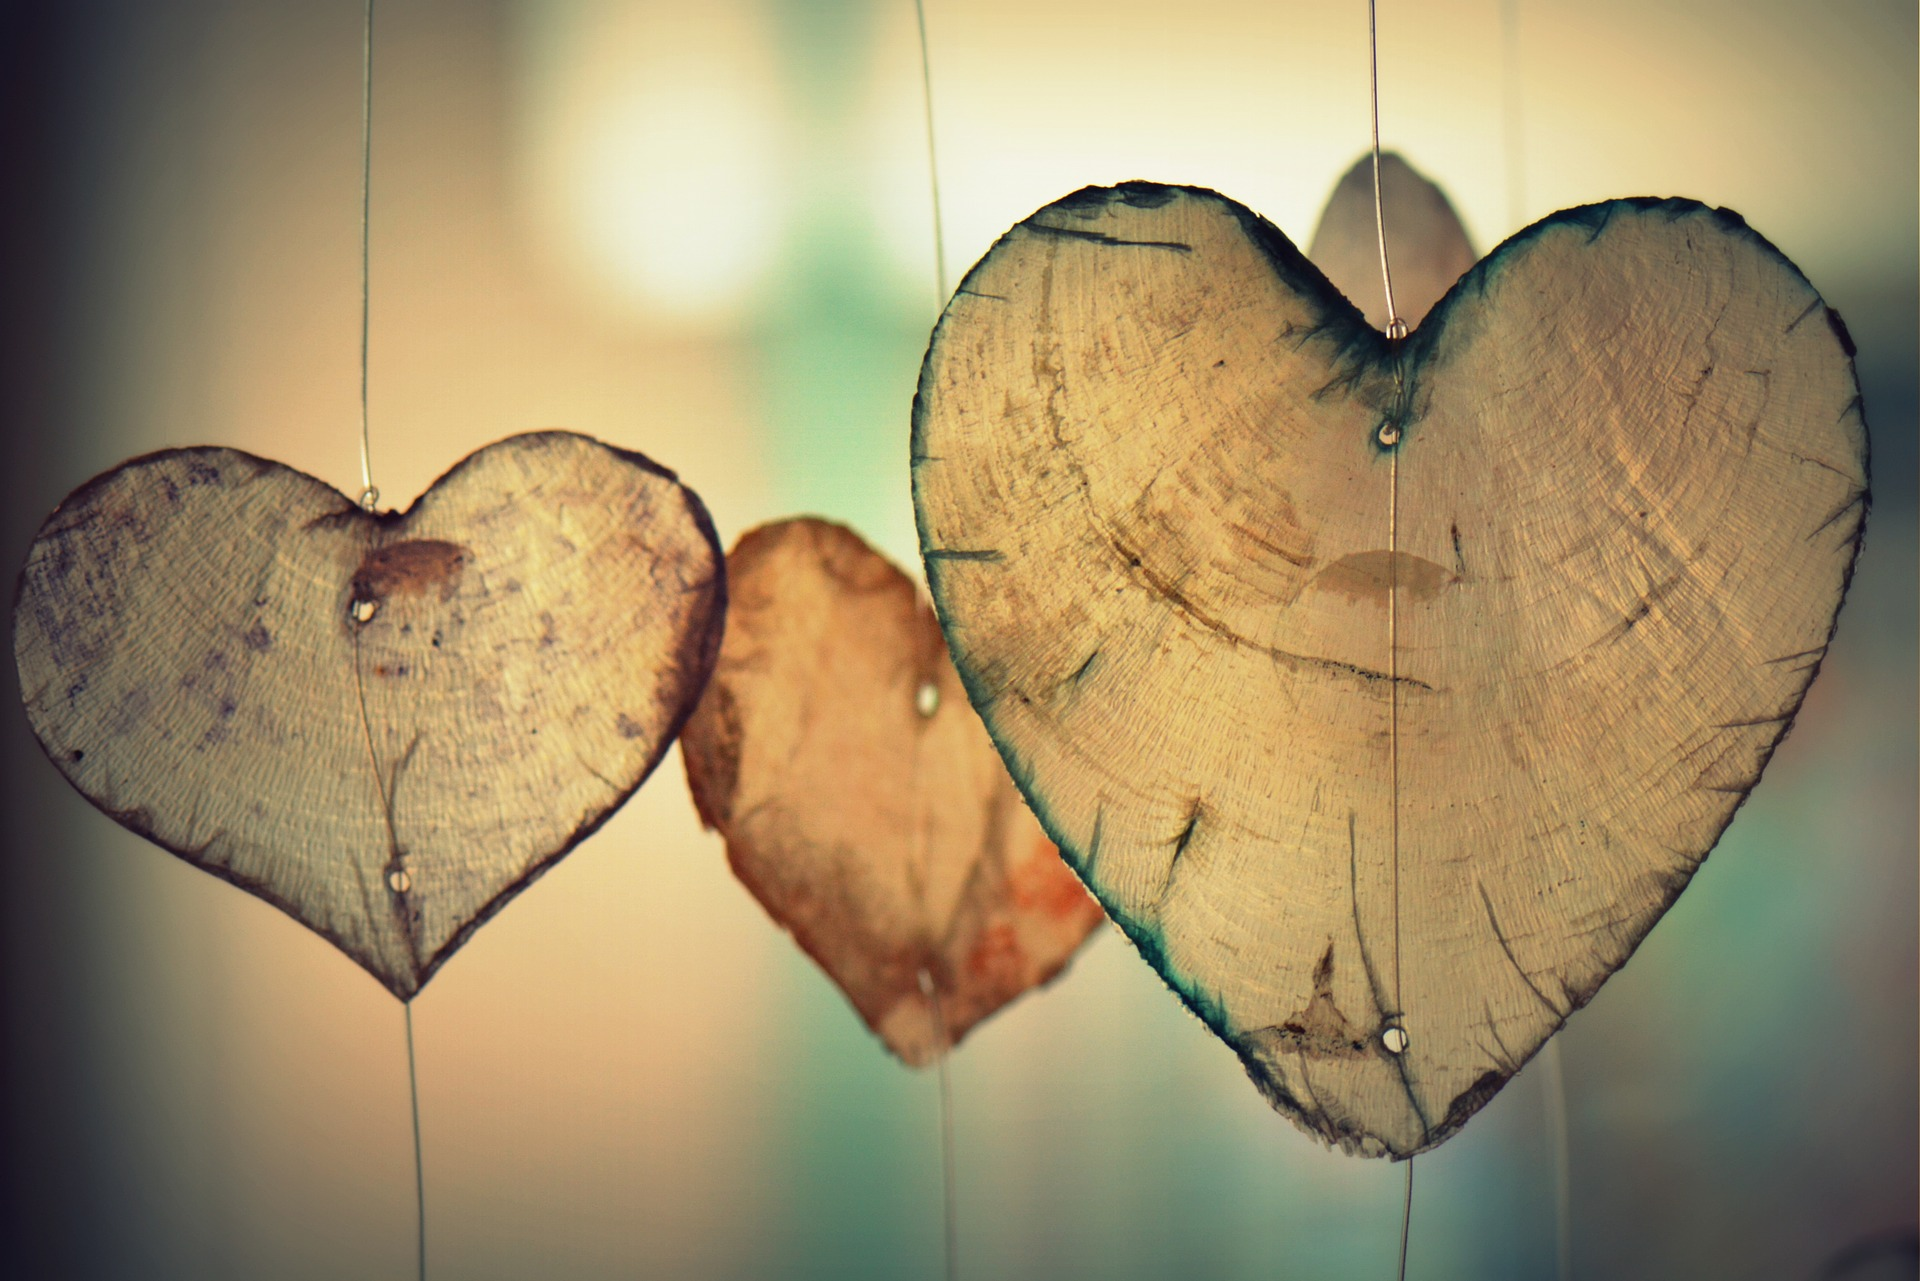 愛着が育む安心ホルモン「オキシトシン」